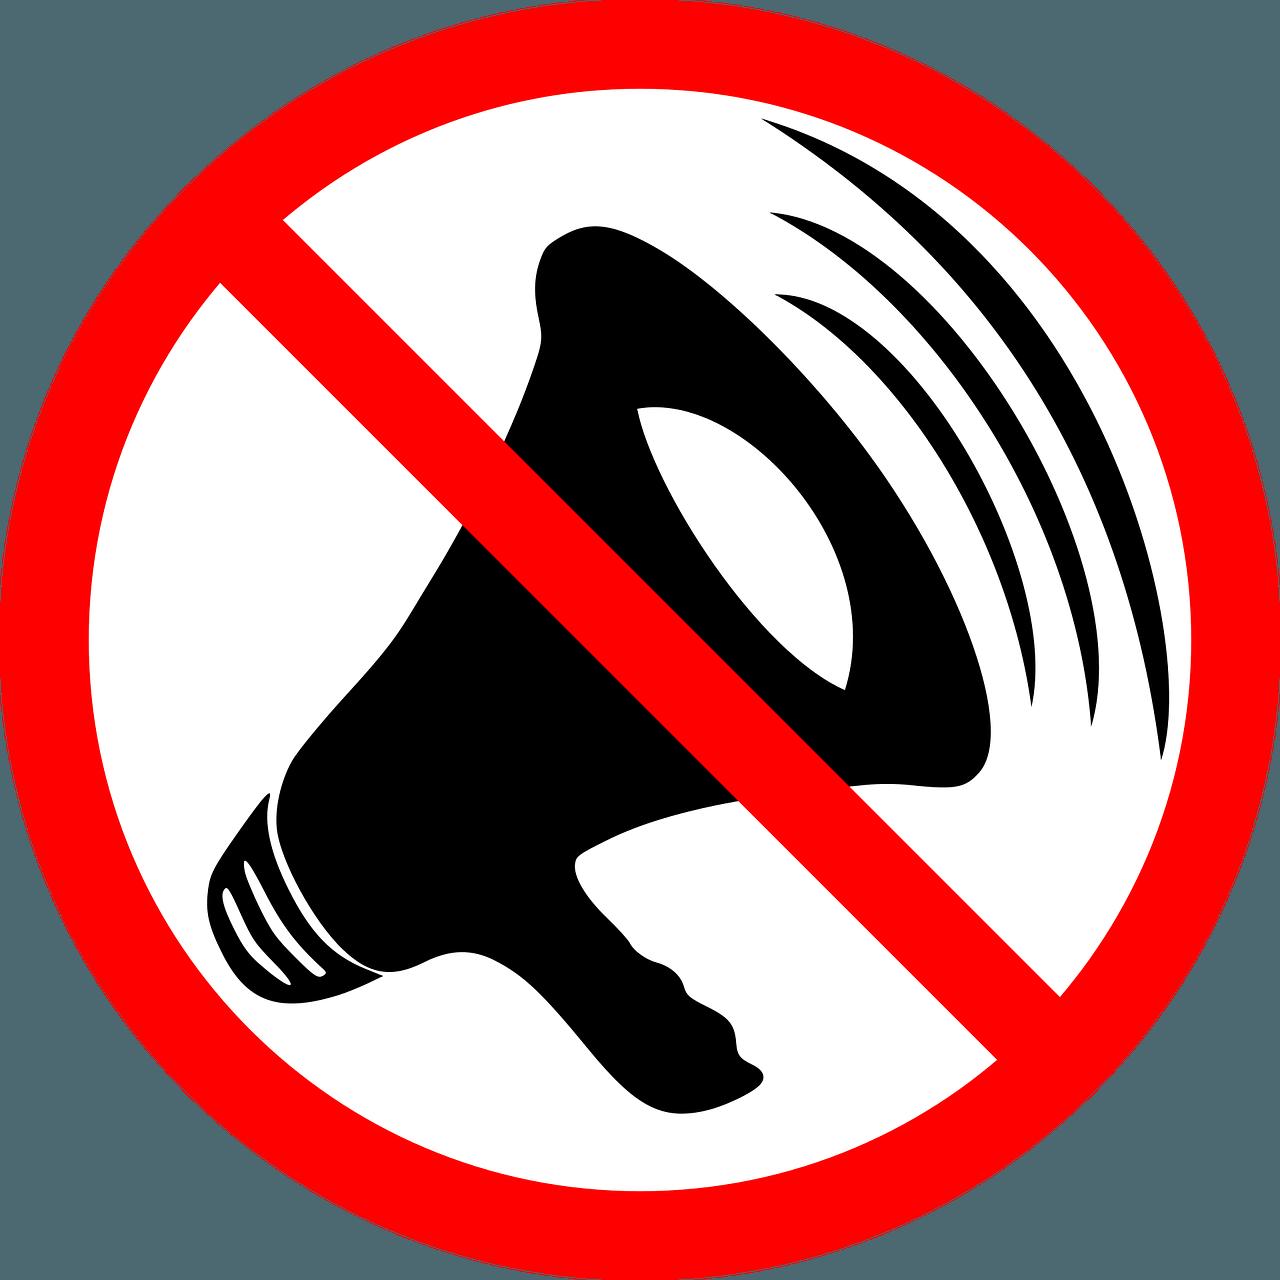 נחירות אינן סתם רעש